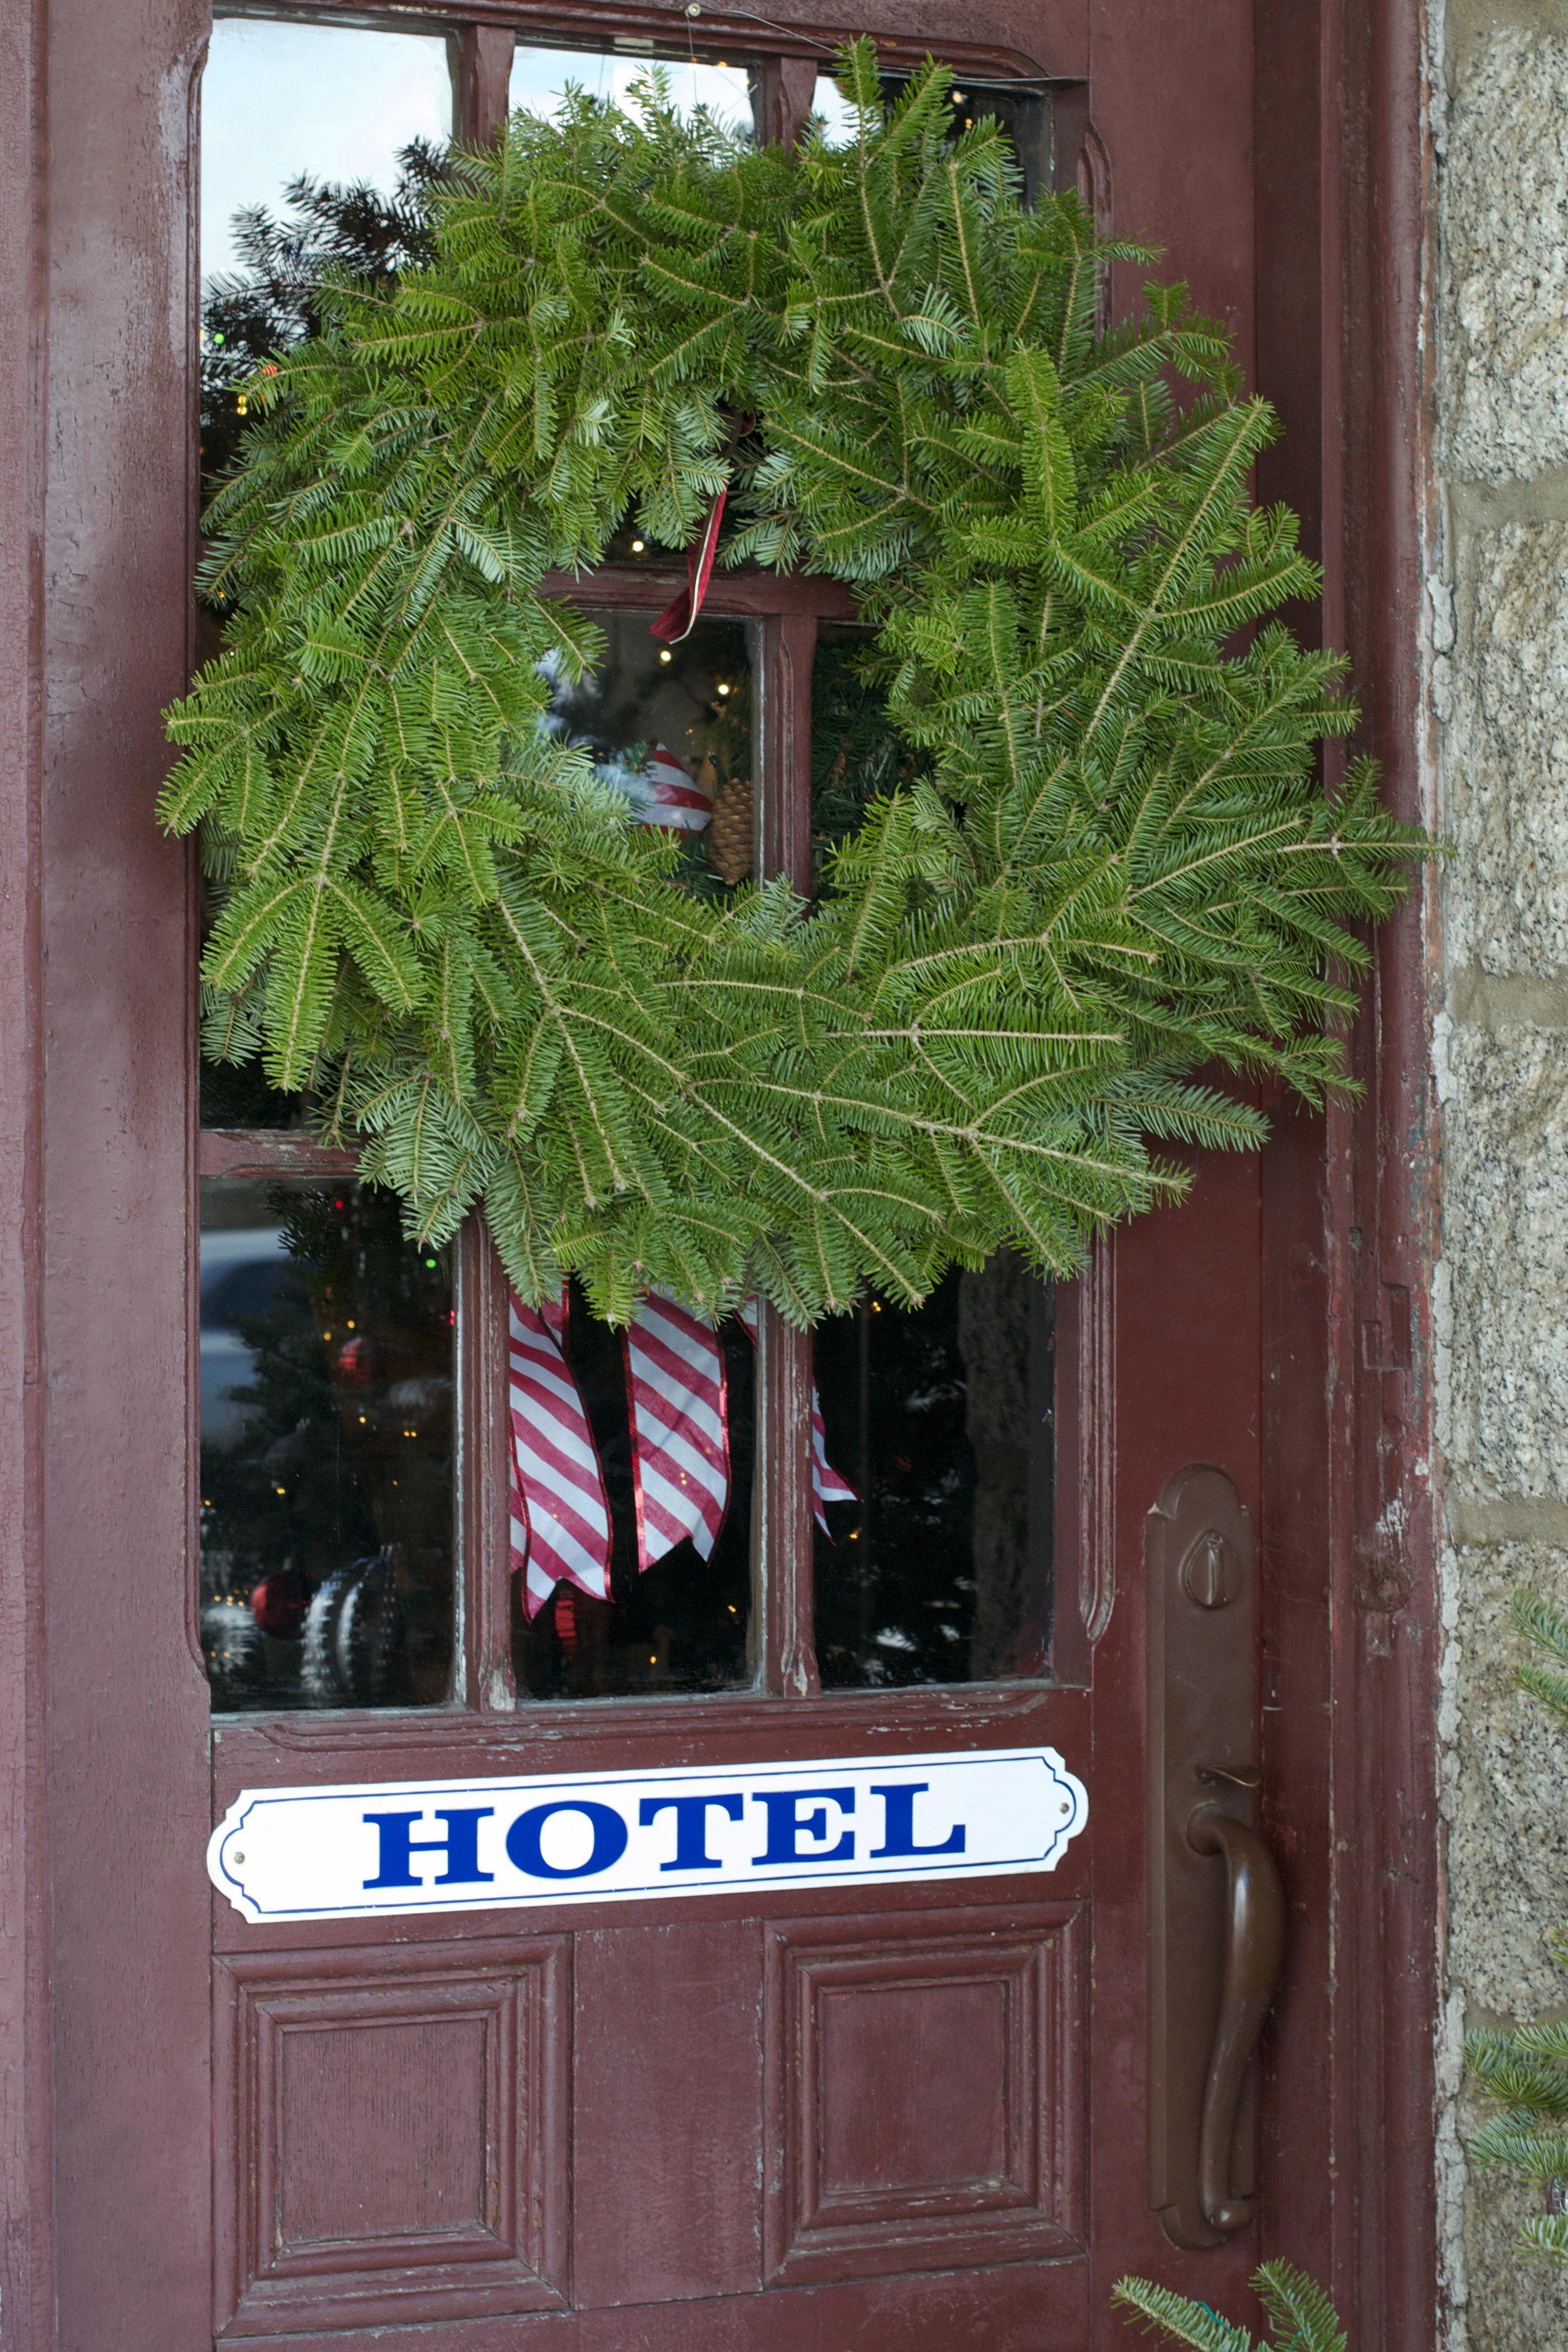 hotel-door.jpg